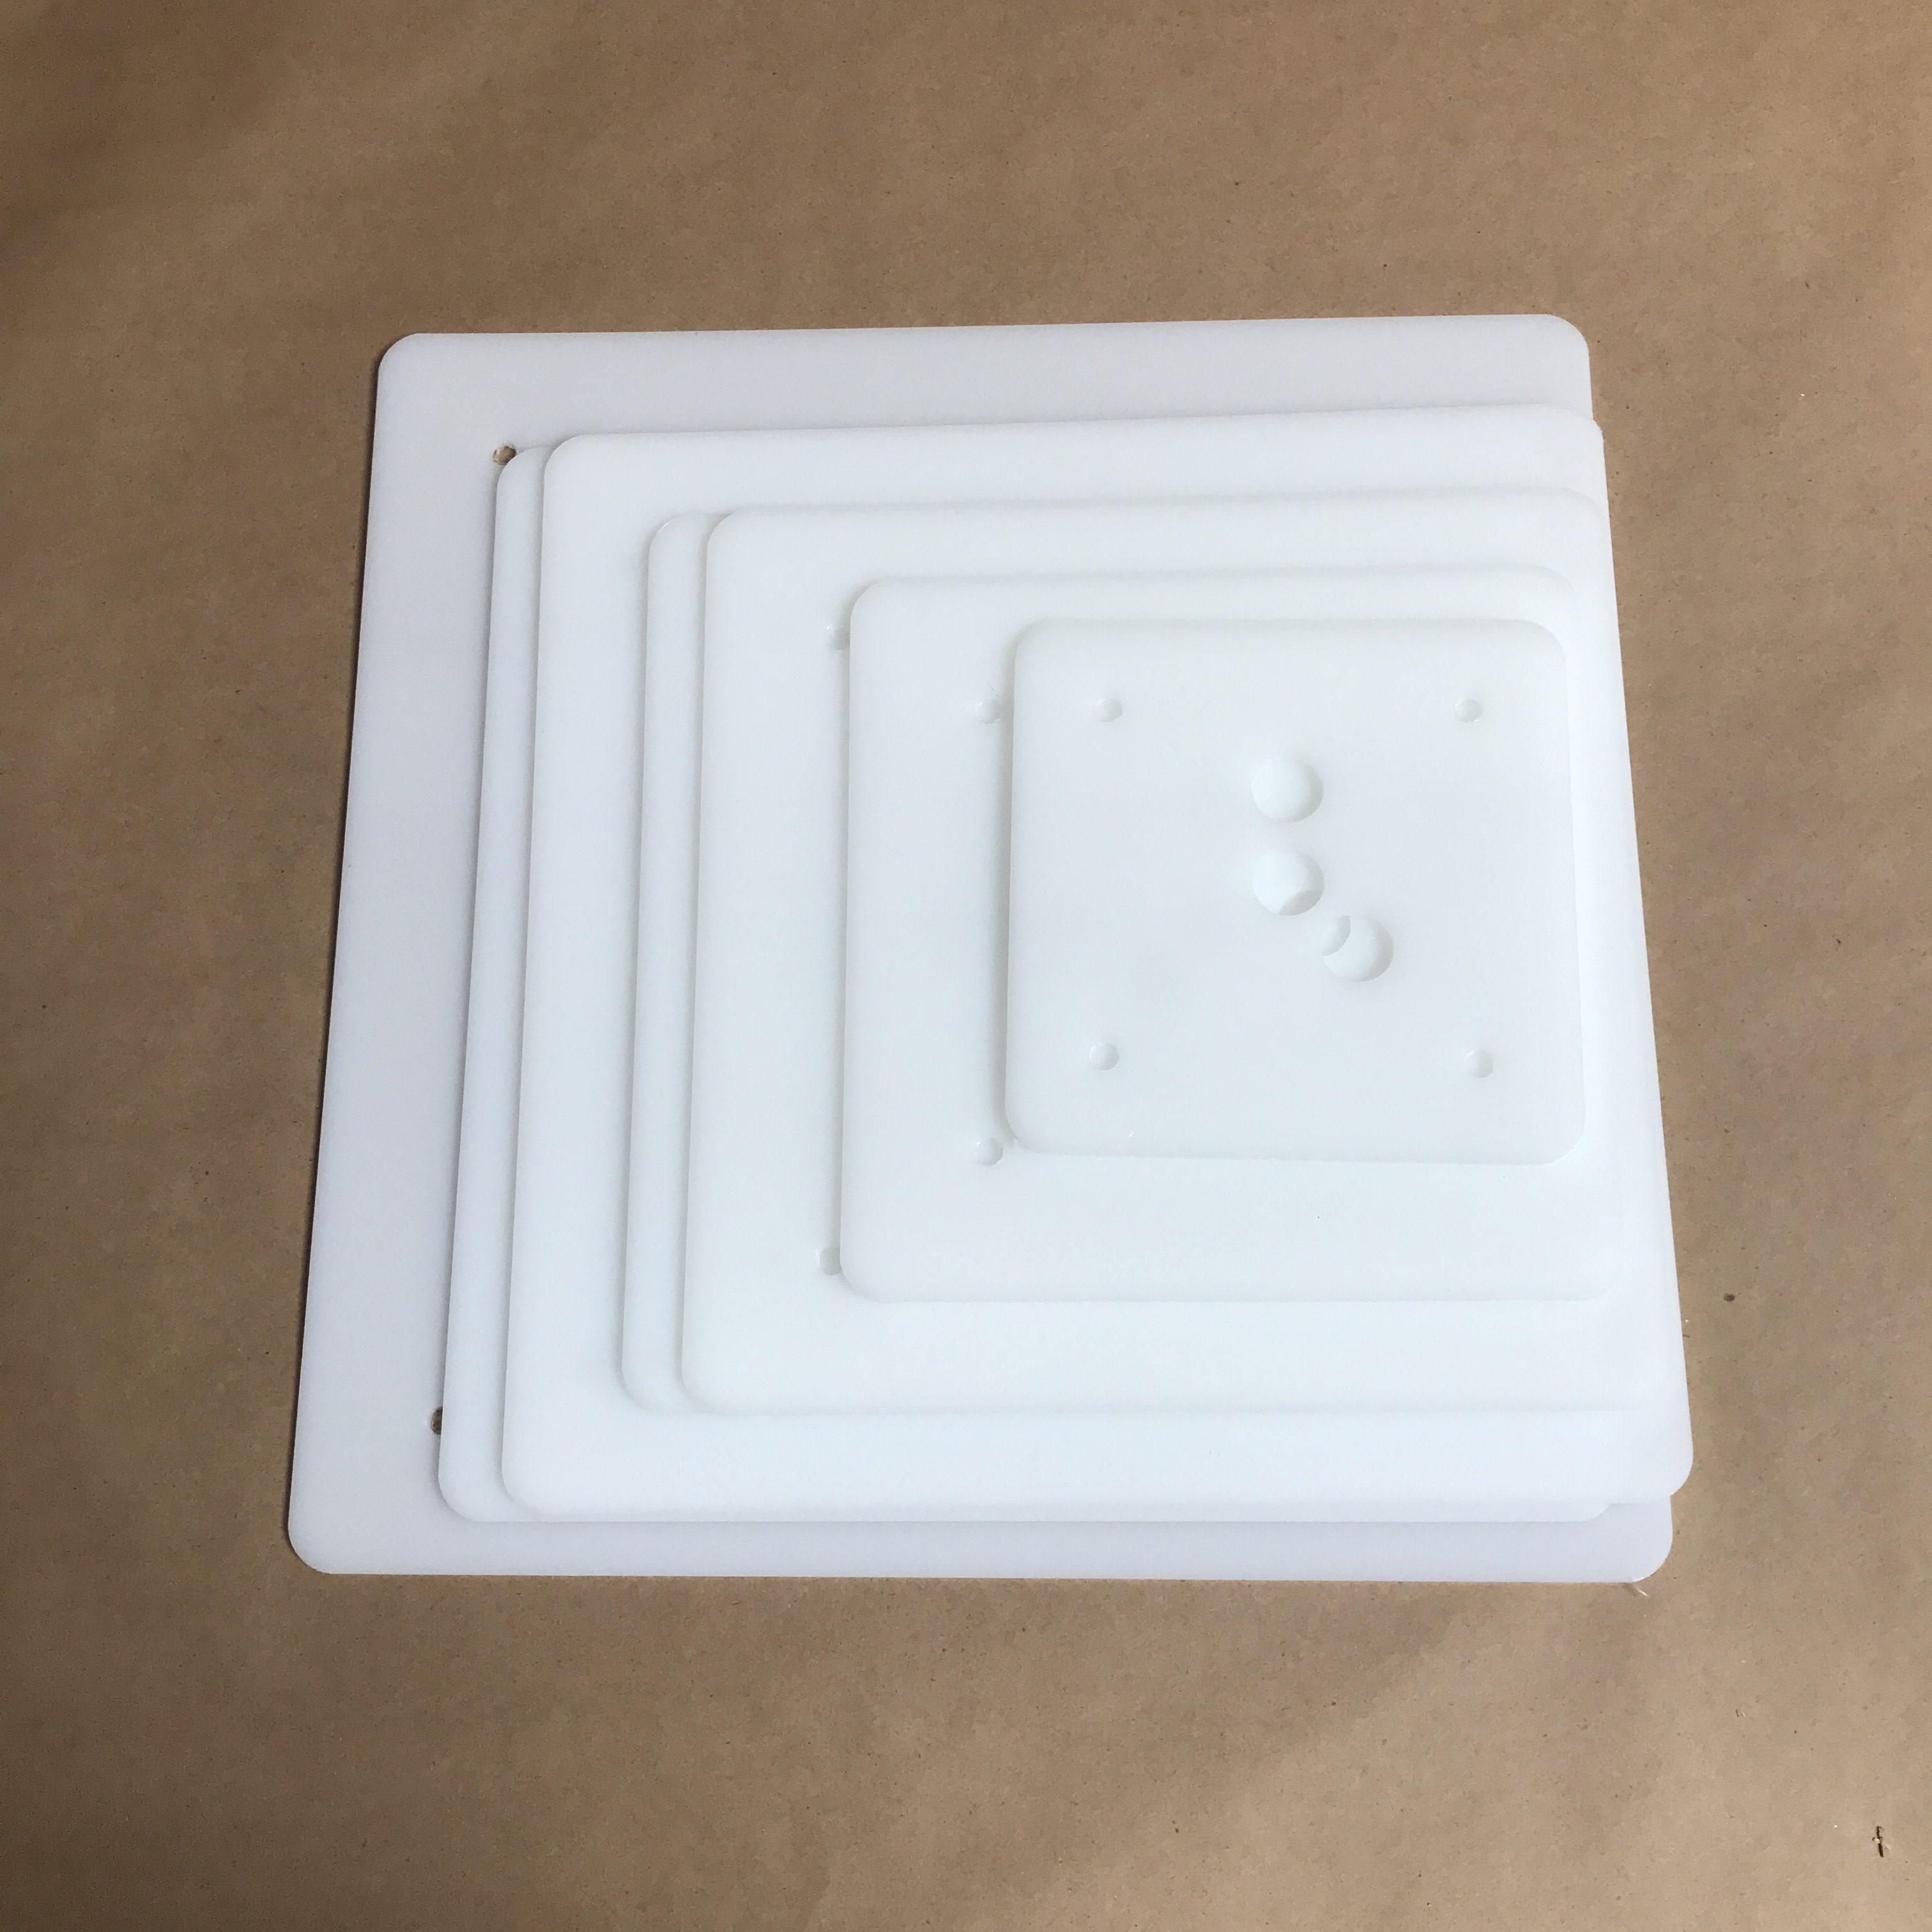 Pro Series 14 inch square plastic cake board set